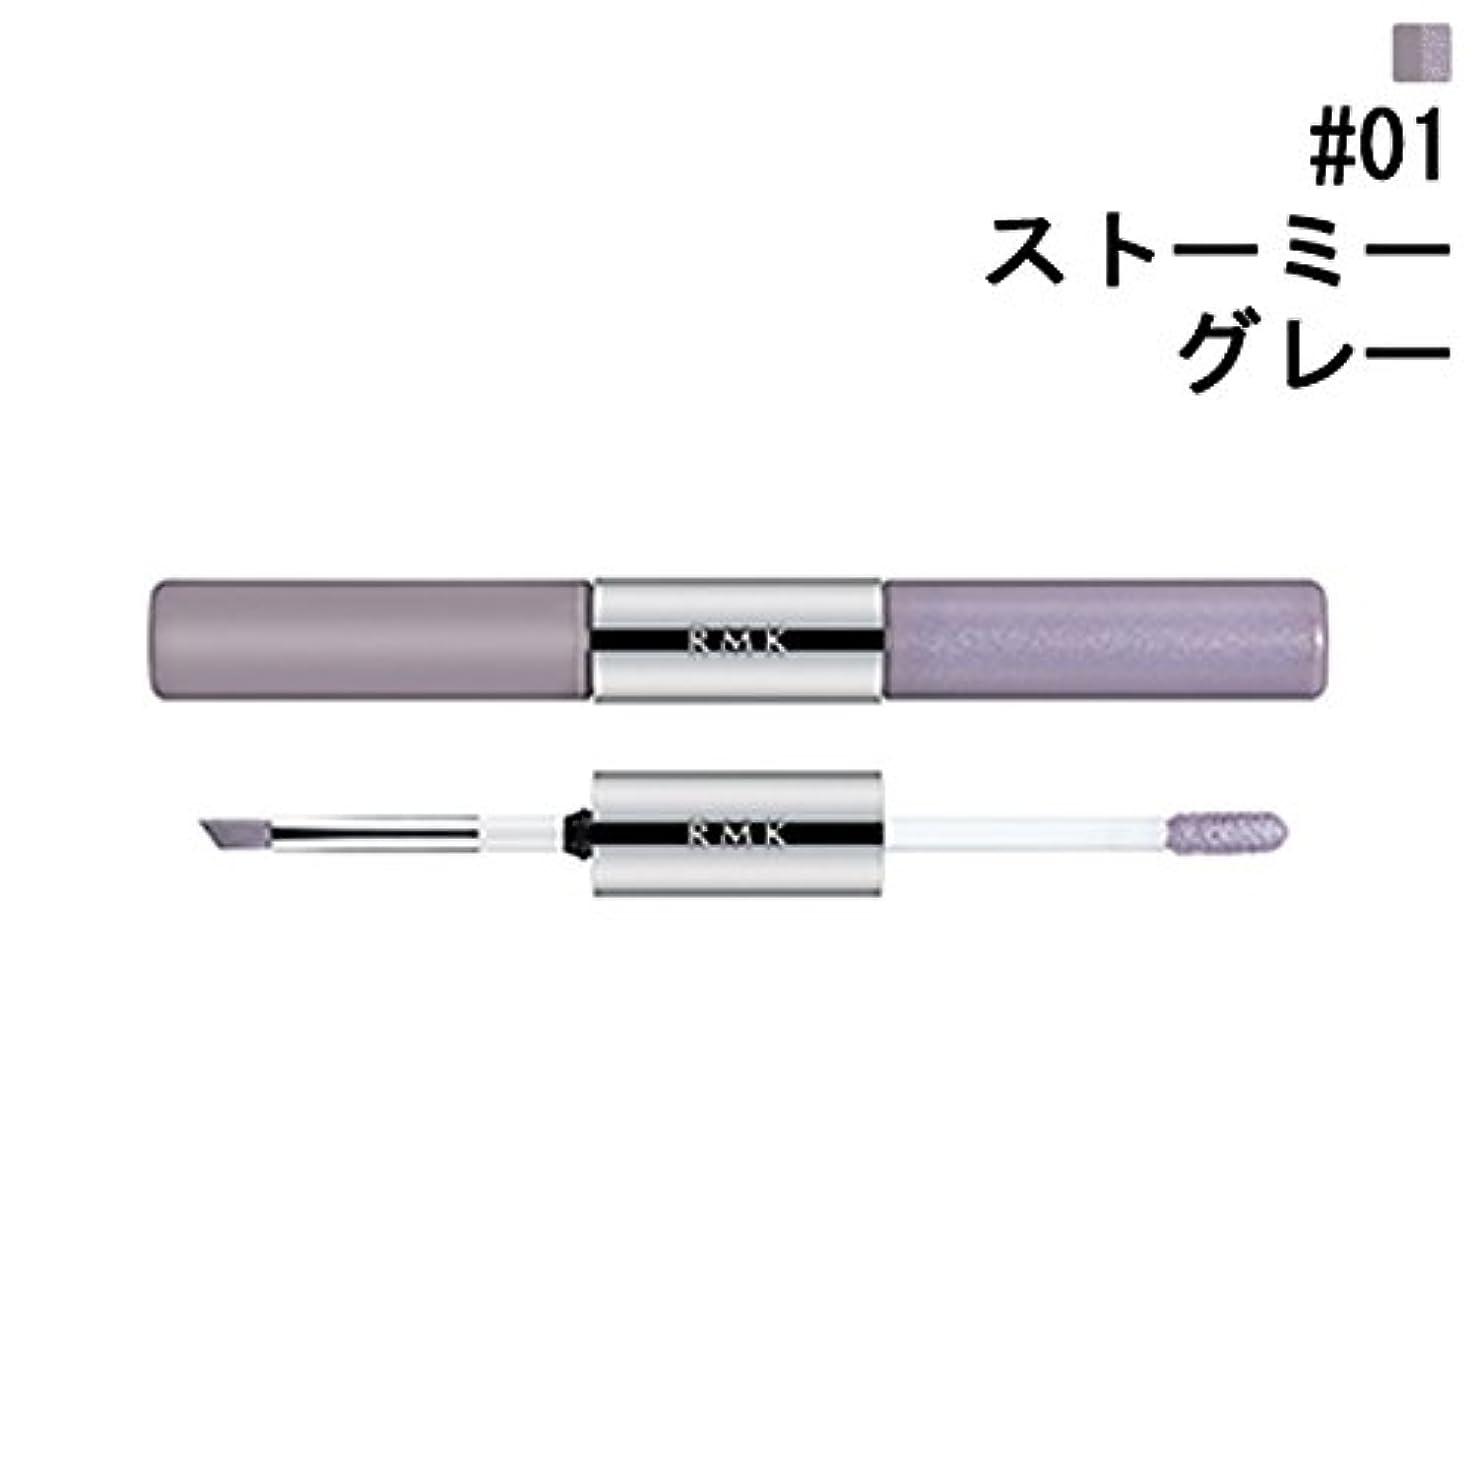 ストレンジャー厚くする型RMK Wウォーターアイズ カラーインク #01 ストーミーグレー 9.9g 【RMK (ルミコ)】